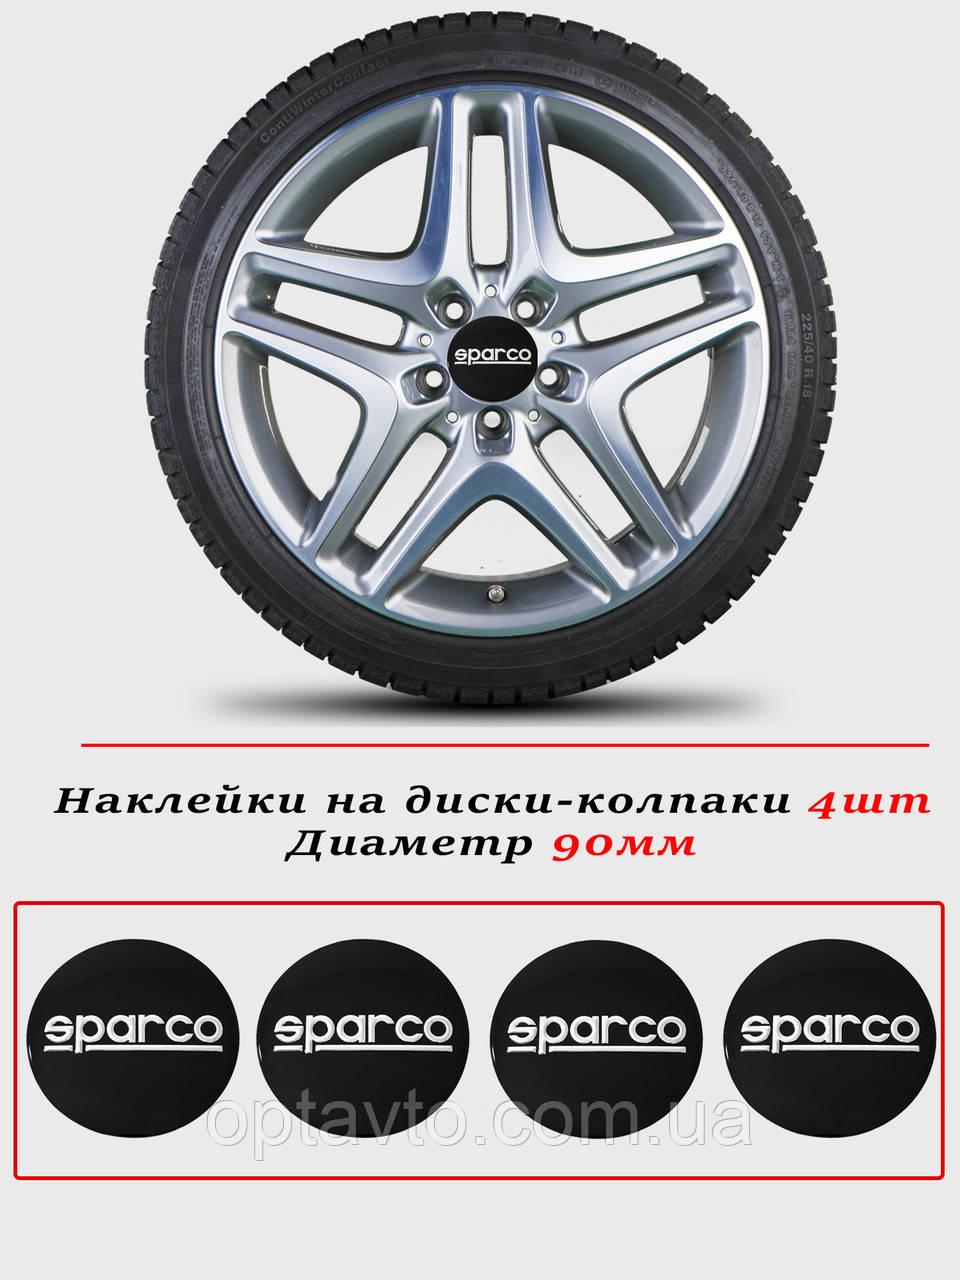 Наклейки на автомобильные колпаки и диски / комплект / диаметр 90 мм / SPARCO